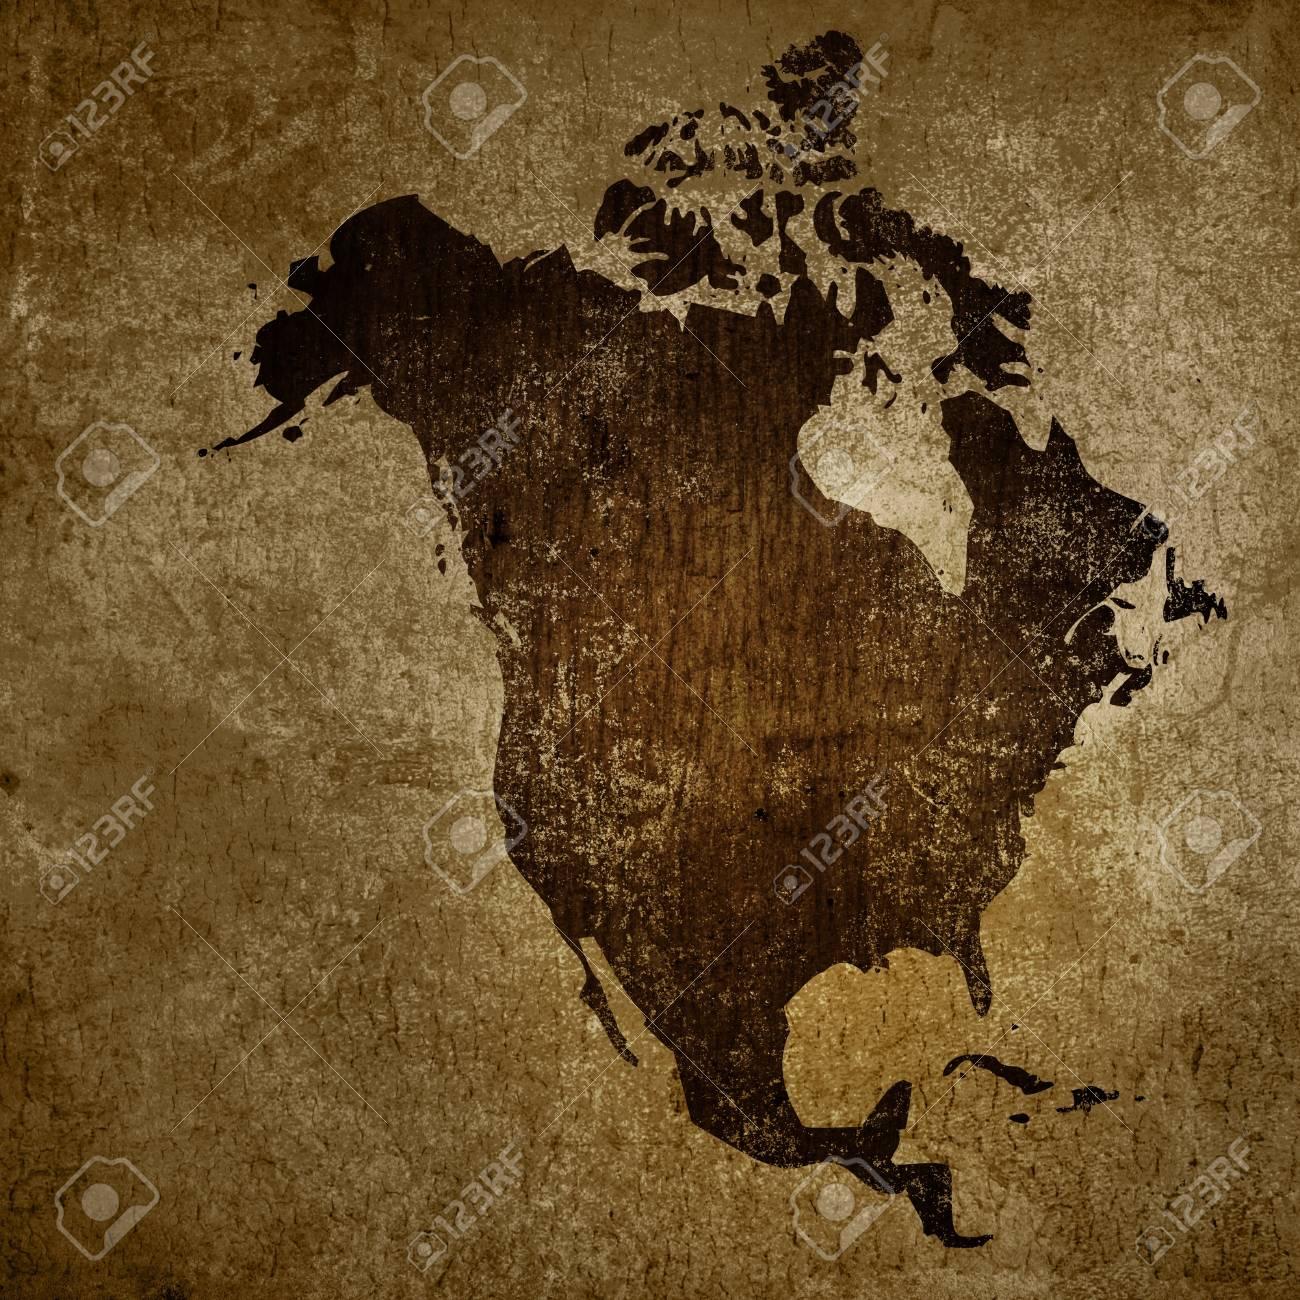 Archivio Fotografico   Di Età Compresa Tra America Mappa Vintage Artwork  Per Il Vostro Disegno